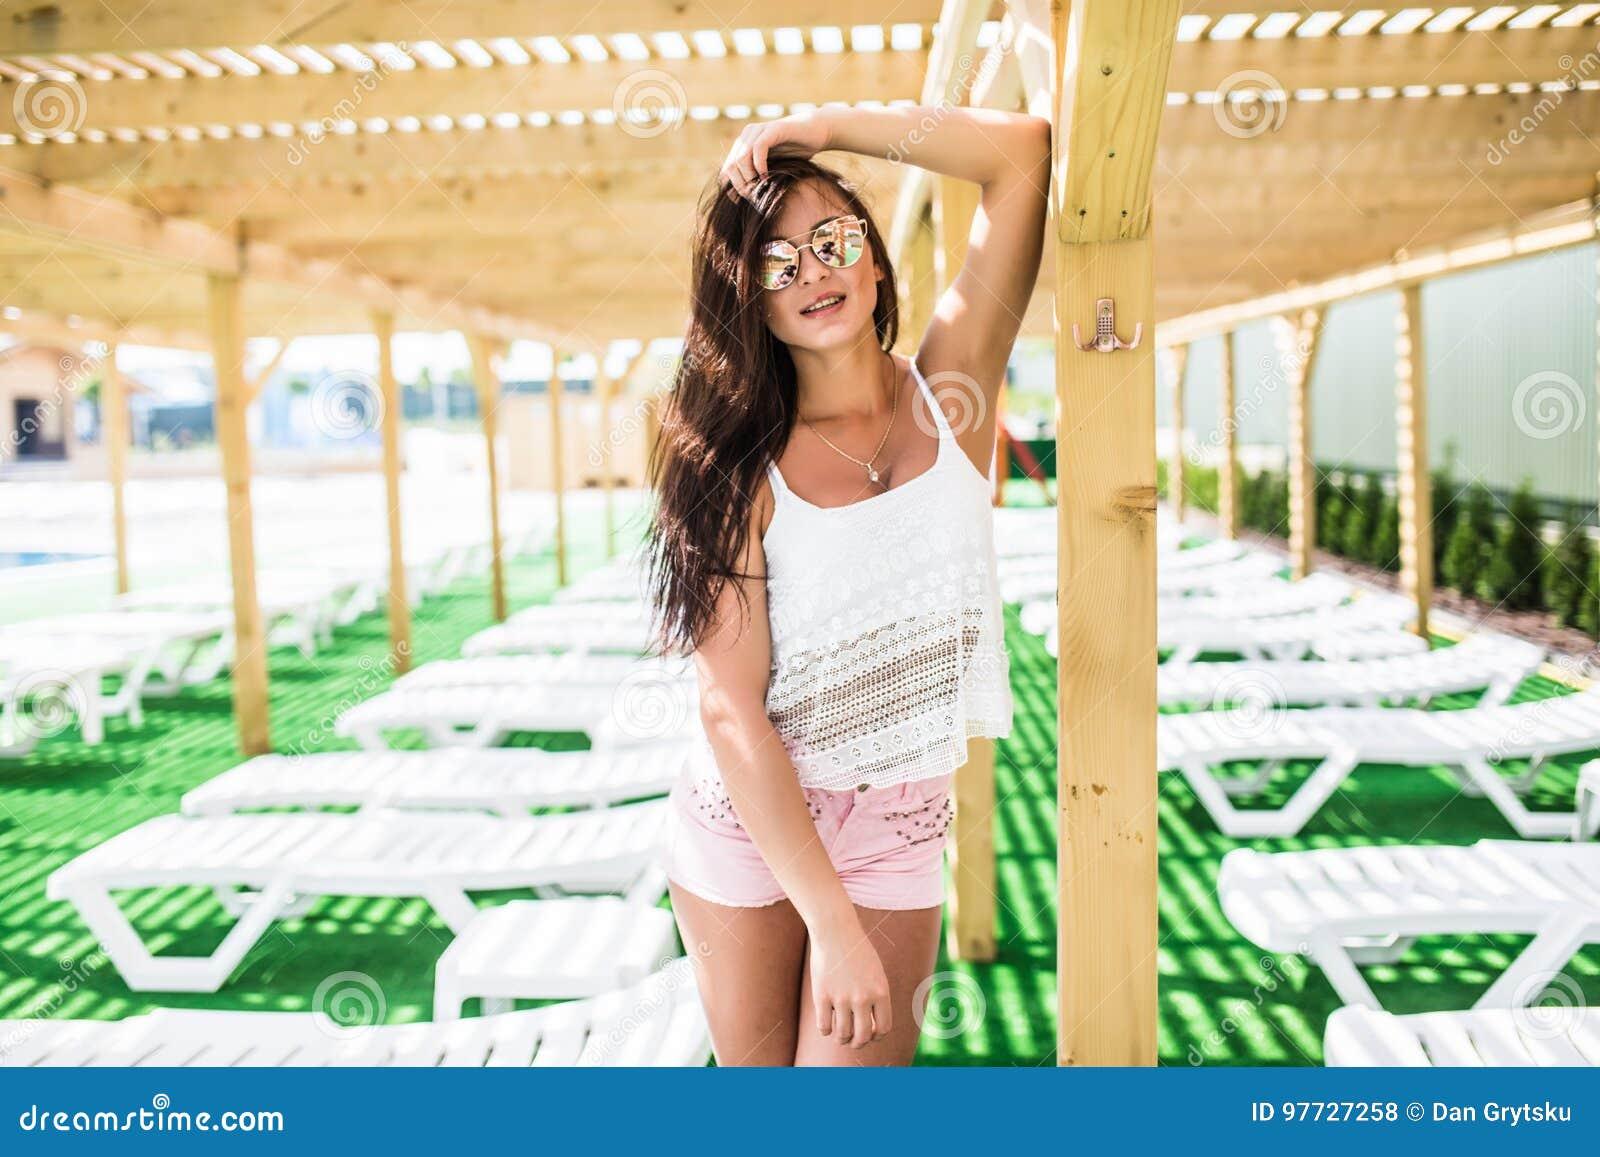 De De Sexy Féminin With Femme Modèle Body D été Fit Beau Lunettes Mode 5wfP6 a835a8502cc